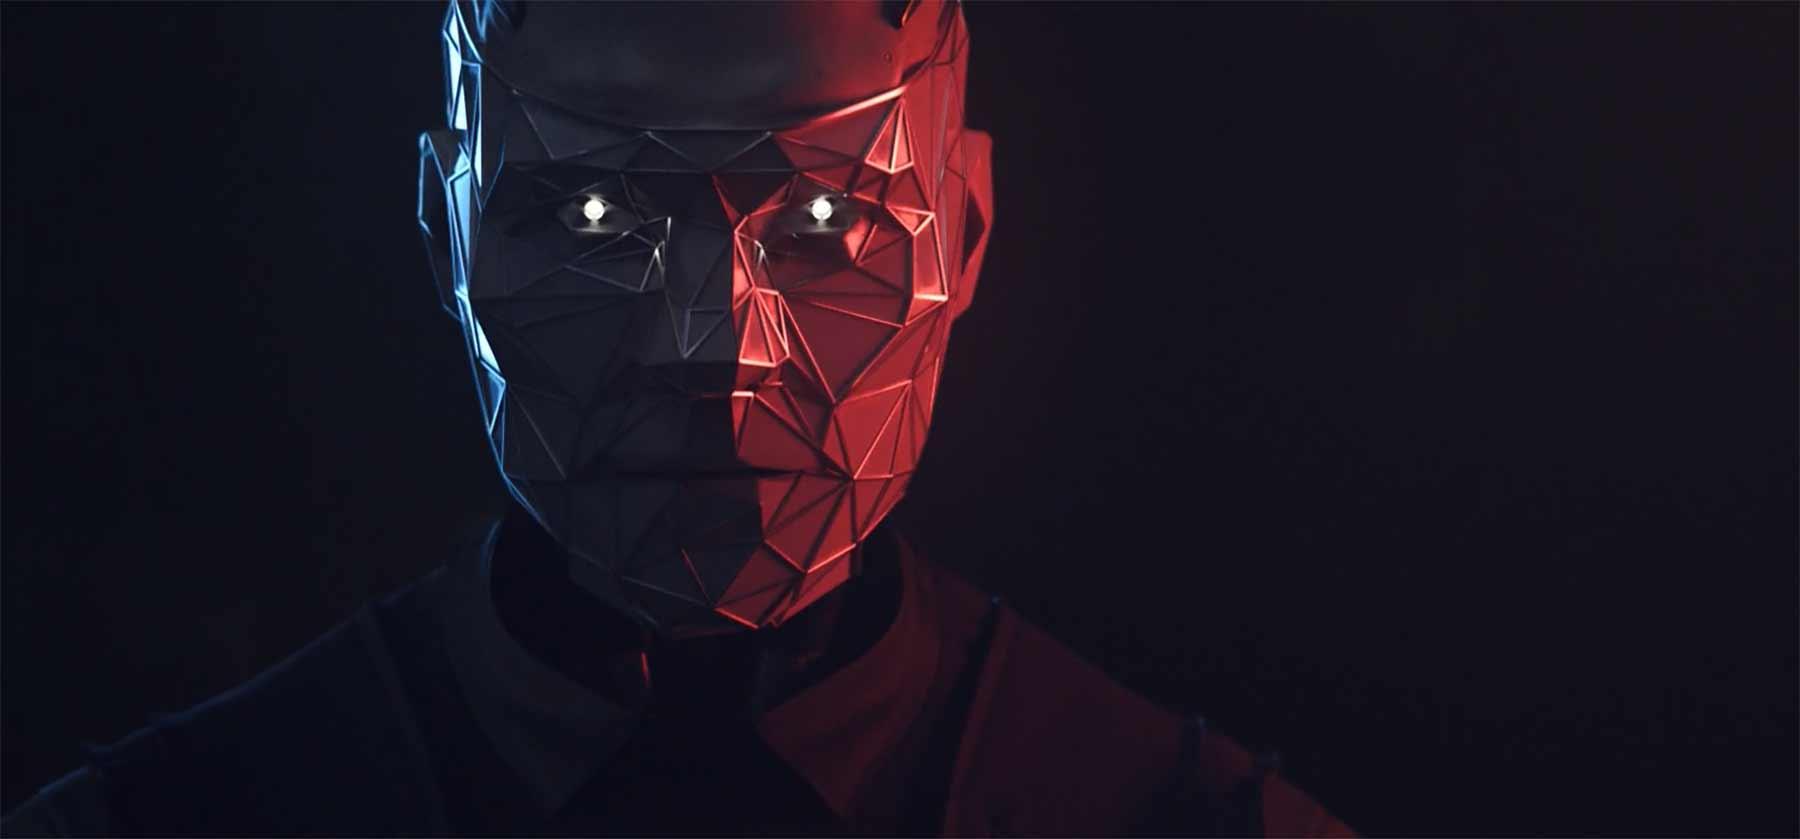 Von Polygonköpfen und Robotern